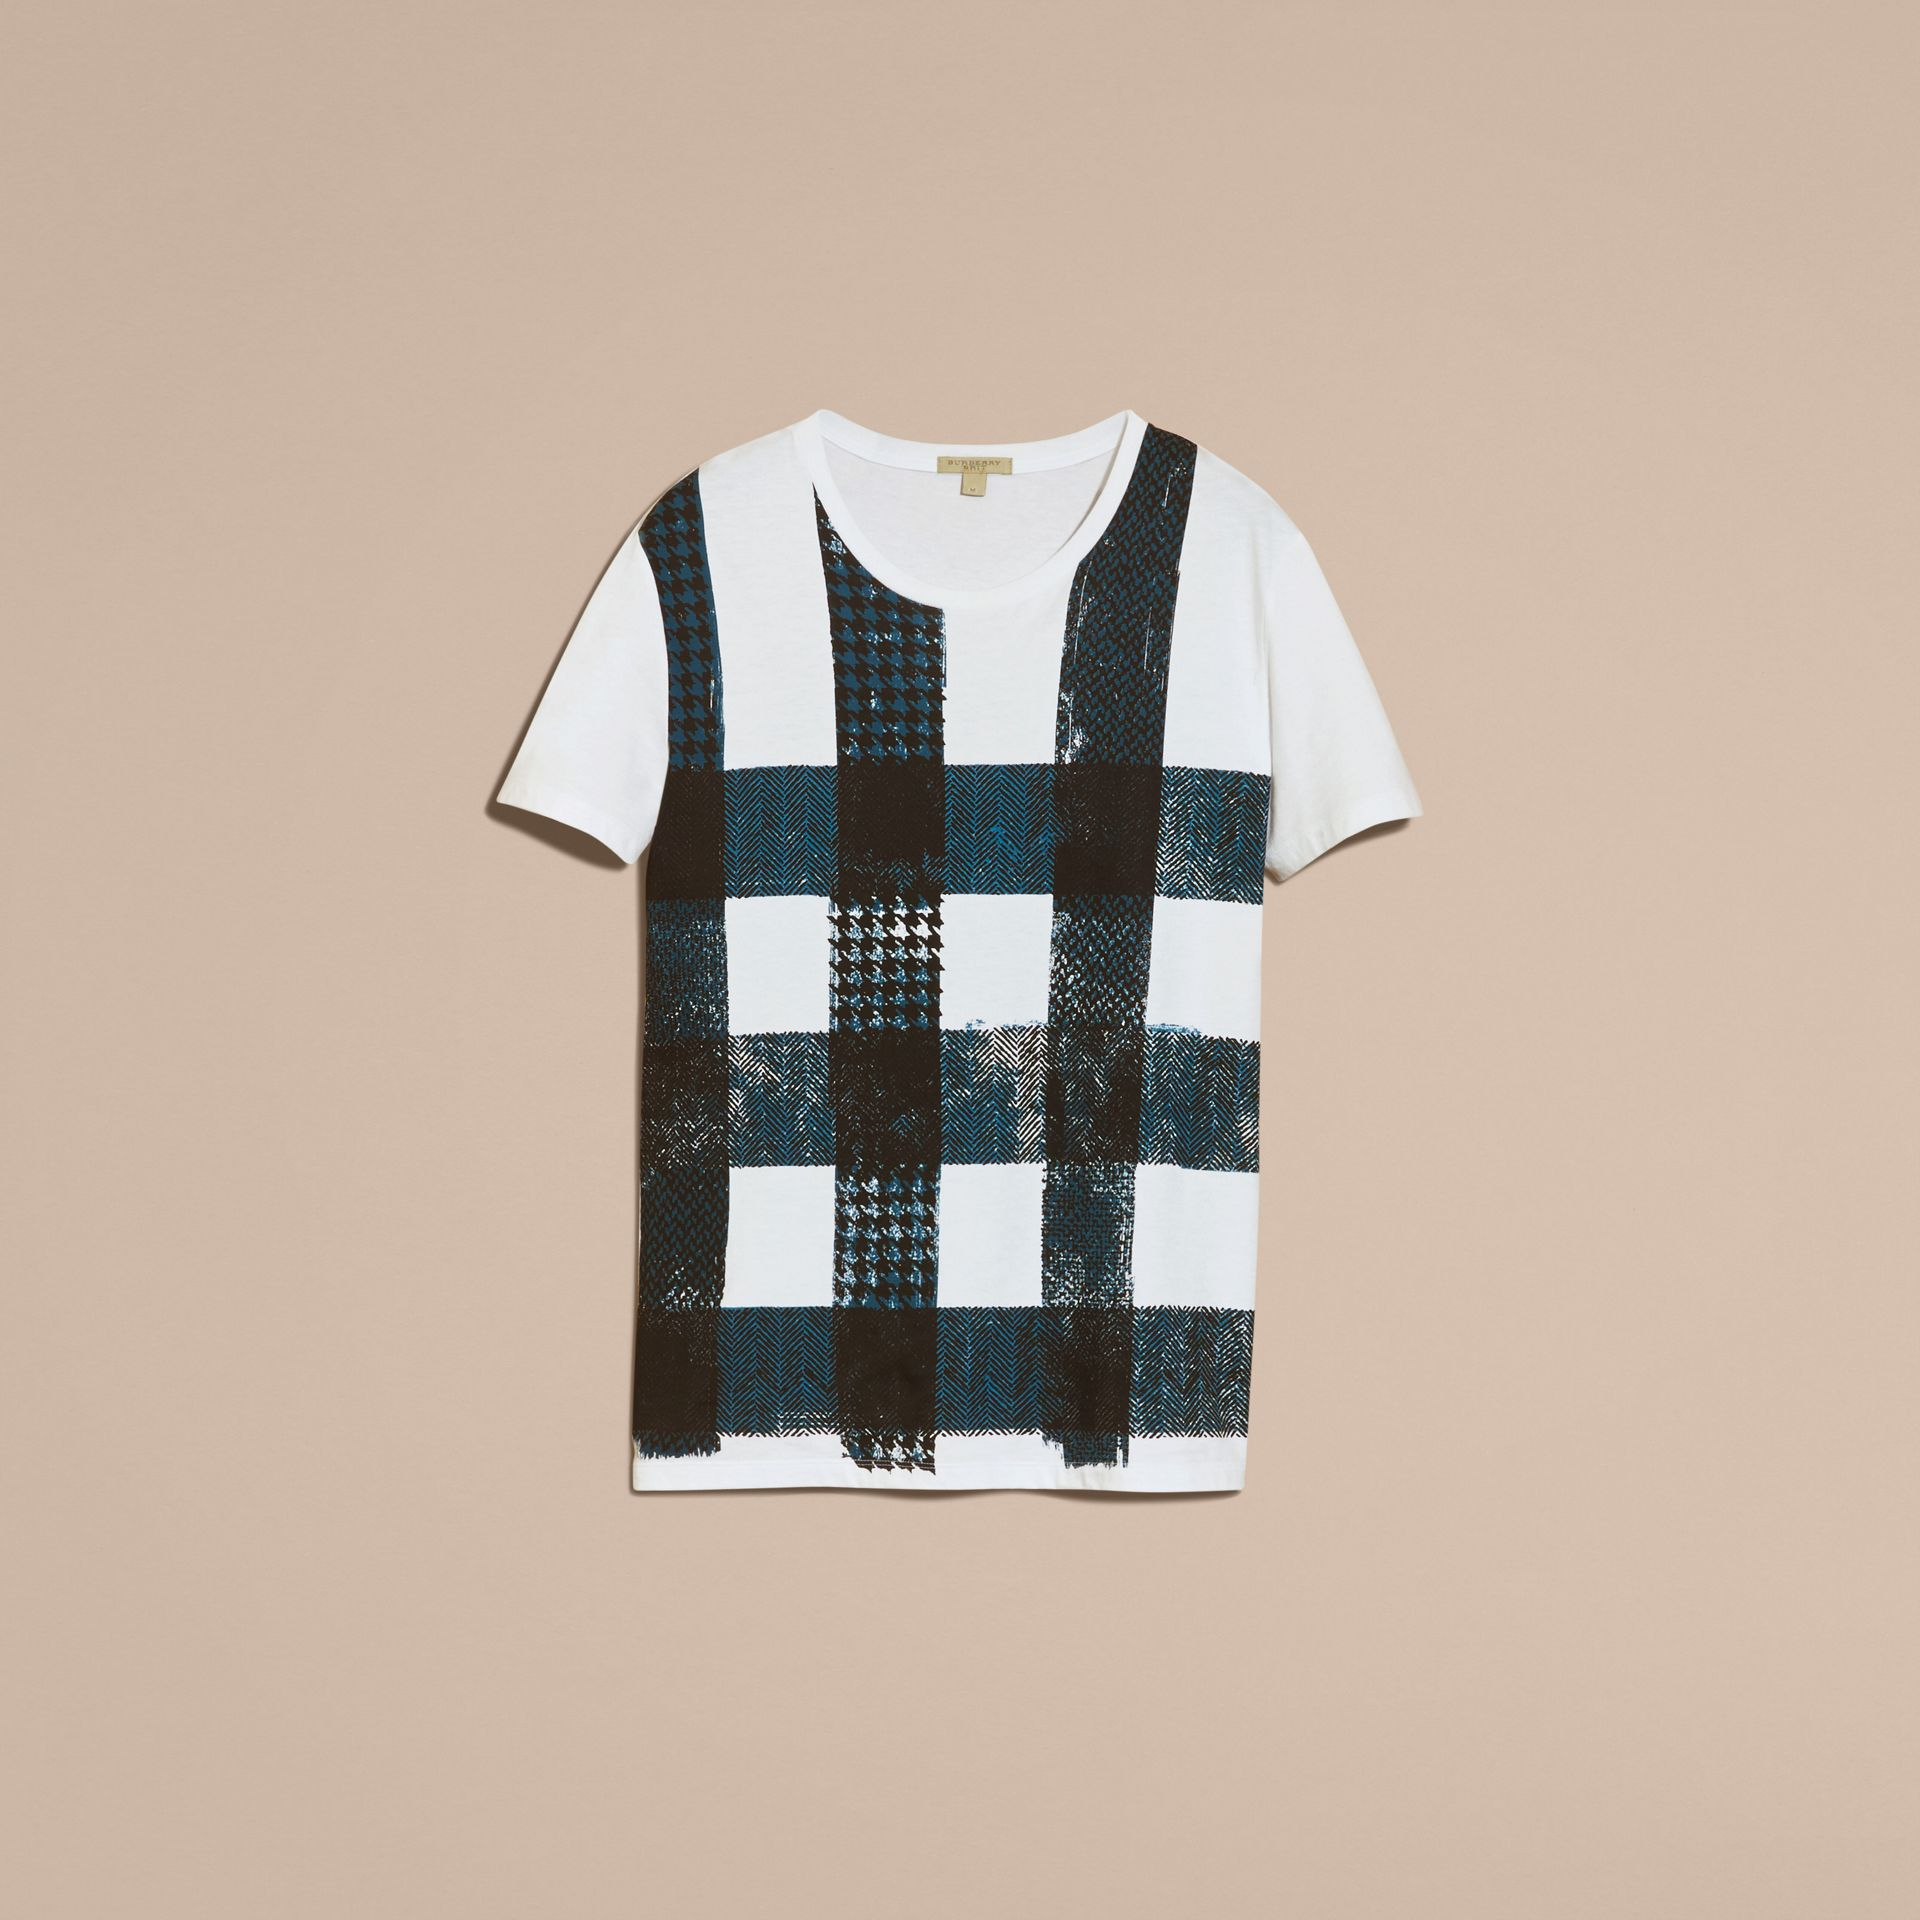 Bianco T-shirt in cotone effetto texture con motivo check Bianco - immagine della galleria 4